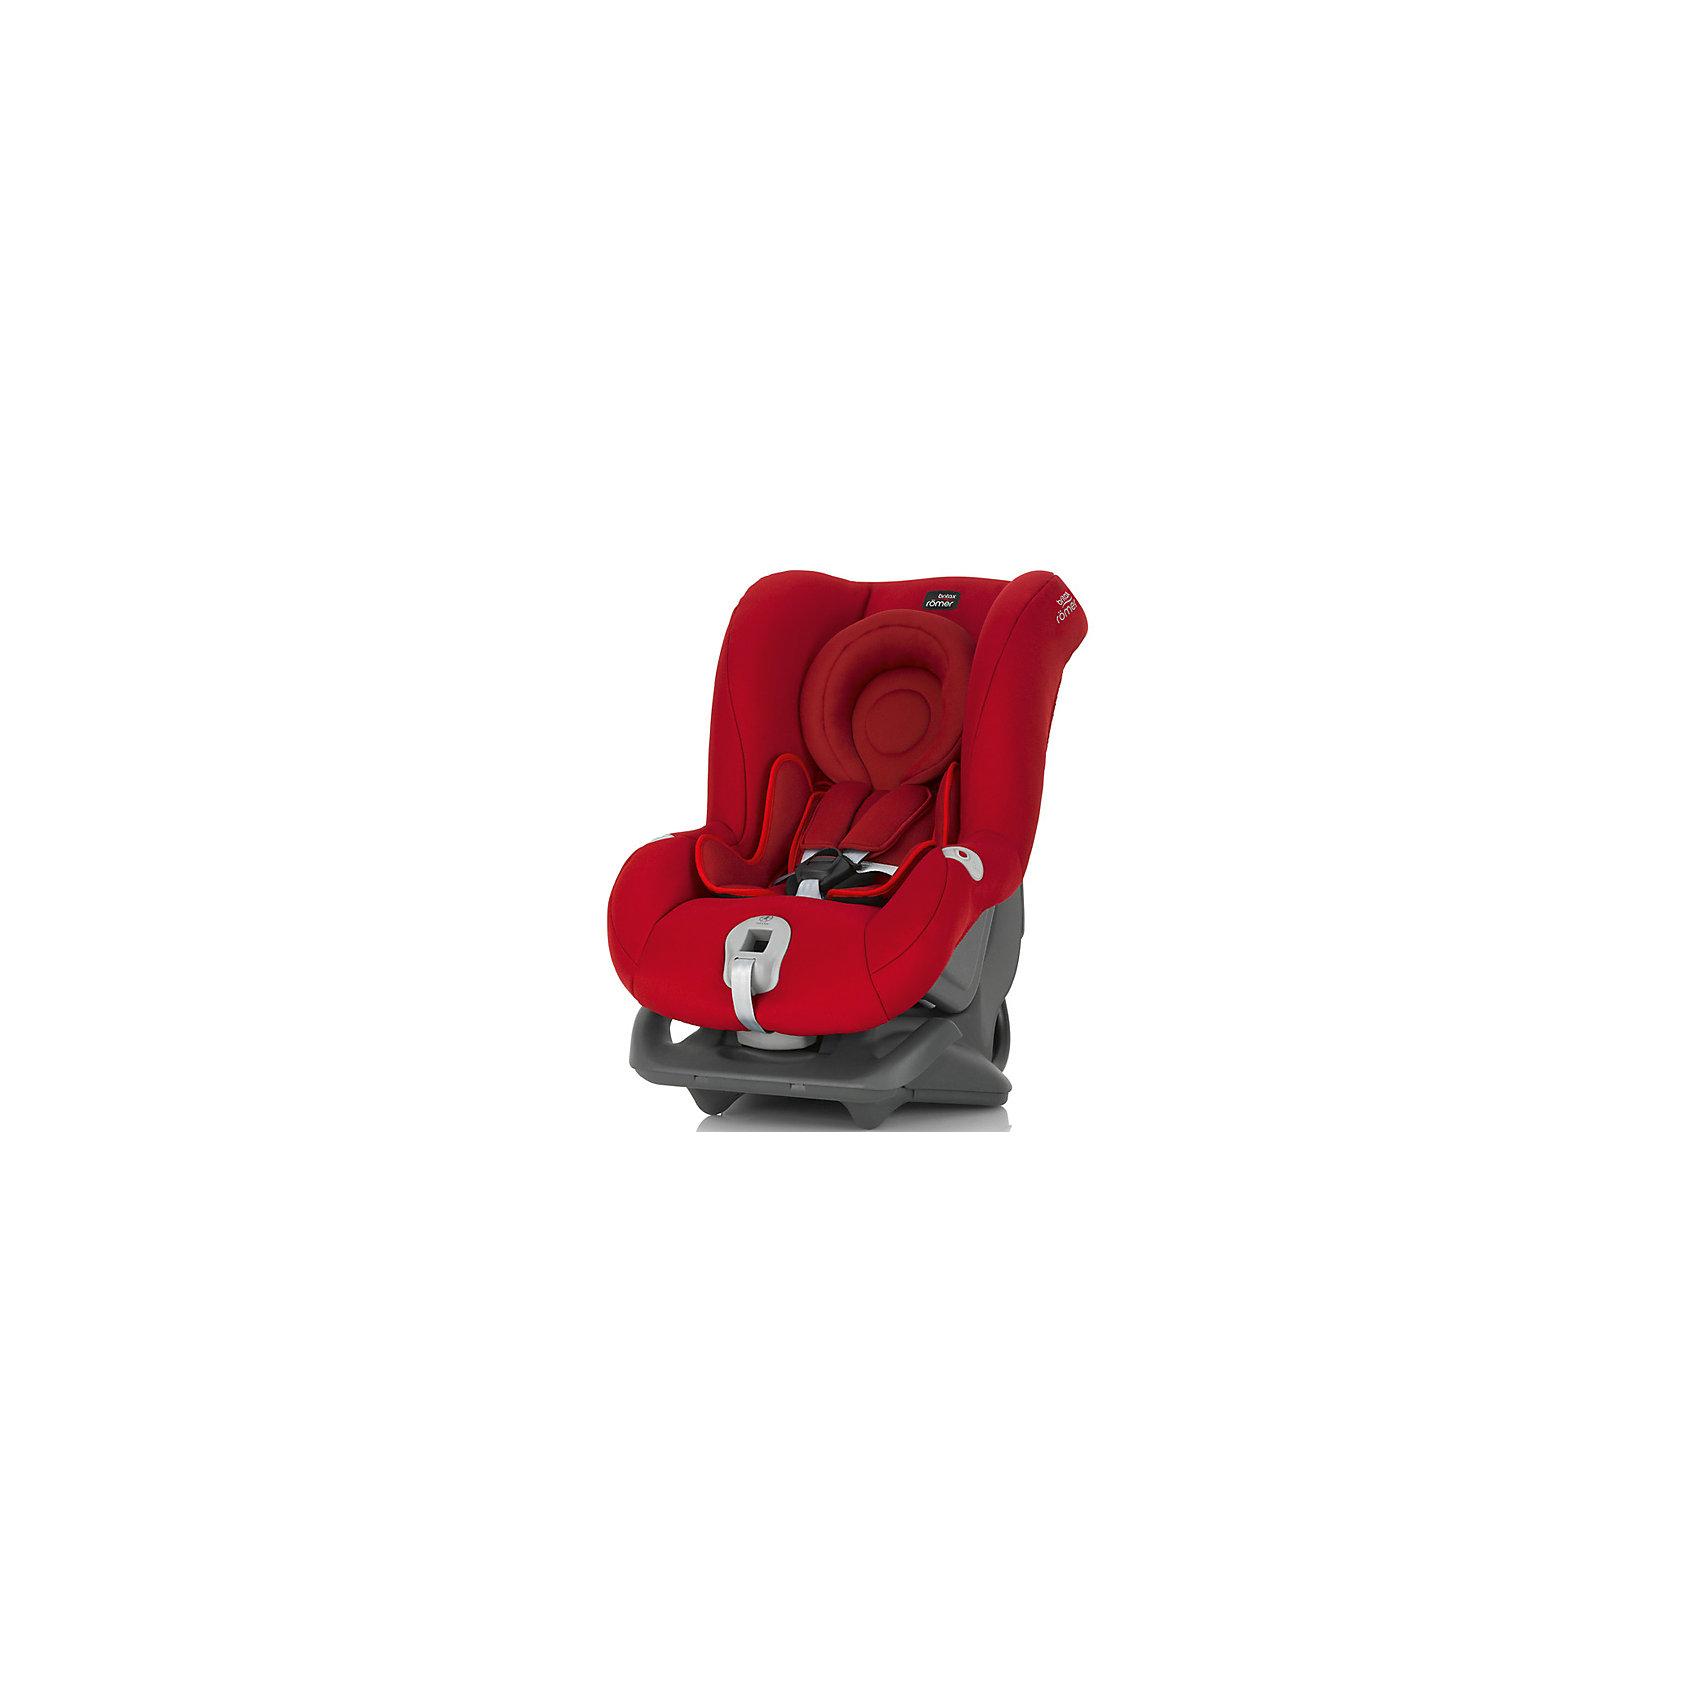 Автокресло Britax Romer FIRST CLASS plus, 0-18 кг, Flame RedГруппа 0+, 1 (До 18 кг)<br>Автокресло First Class plus, Britax Roemer - комфортная надежная модель, которая сделает поездку Вашего ребенка приятной и безопасной. Сиденье кресла с мягкой вставкой для новорожденных и большим закругленным подголовником обеспечивает комфорт во время длительных поездок. По мере подрастания ребенка вставку можно убрать, увеличив тем самым размер сиденья. Спинка сиденья фиксируется в нескольких положениях (для сна, отдыха и бодрствования), что позволяет выбрать наиболее удобное для ребенка. Кресло оснащено регулируемыми 5-точечными ремнями безопасности с мягкими плечевыми накладками и централизованной регулировкой натяжения. Глубокие боковины с мягкими вставками обеспечивают оптимальную защиту при боковых ударах, а уникальный регулятор наклона уменьшает смещение вперед в случае столкновения.<br><br>Автокресло легко и надежно фиксируется при помощи штатных ремней безопасности. Для малышей весом до 13 кг. автокресло устанавливается на заднем сиденье лицом против движения авто, для малышей от 9 до18 кг. кресло устанавливается лицом по ходу движения автомобиля.<br>В нижней части автокресла имеется специальный упор для компенсации неровности автомобильного сиденья. Обивка кресла изготовлена из высококачественных материалов, съемные тканевые чехлы можно стирать в машинке при деликатном режиме стирки. Автокресло имеет стандарт безопасности ECE R 44/04. Рассчитано на детей от 0 до 3-4 лет, весом 0-18 кг.<br><br>Дополнительная информация:<br><br>- Цвет: Flame Red. <br>- Материал: текстиль, пластик.<br>- Размер (ДхШхВ): 59 х 45 х 65 см. <br>- Вес: 8,4 кг.<br><br>Автокресло FIRST CLASS plus, 0-18 кг., Britax Roemer, Flame Red, можно купить в нашем интернет-магазине.<br><br>Ширина мм: 590<br>Глубина мм: 450<br>Высота мм: 650<br>Вес г: 12000<br>Возраст от месяцев: 0<br>Возраст до месяцев: 15<br>Пол: Унисекс<br>Возраст: Детский<br>SKU: 4722134